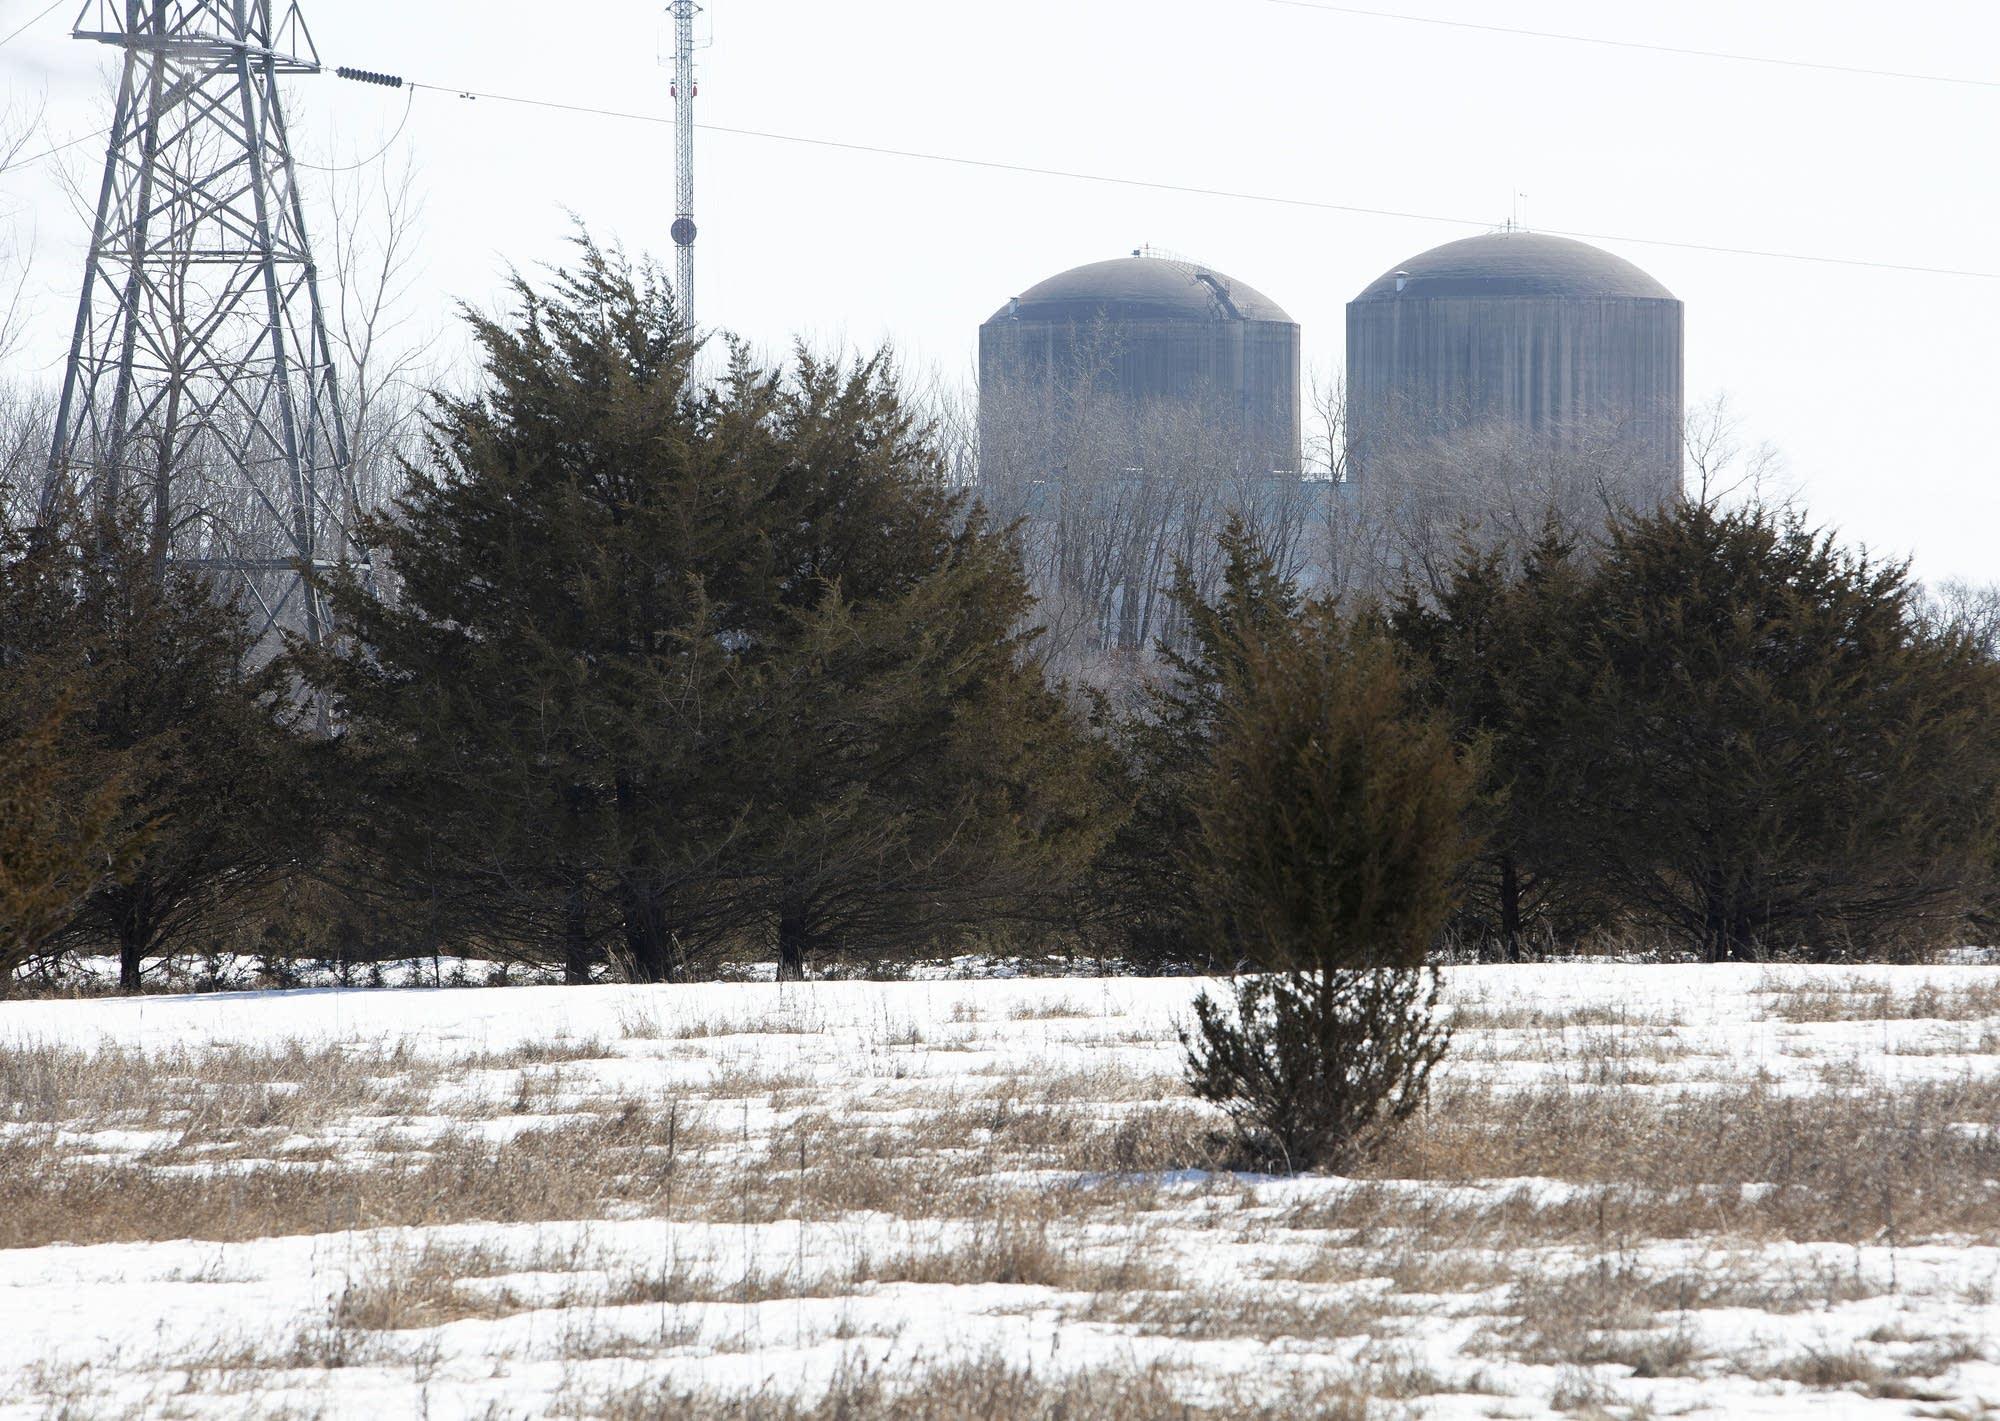 The Xcel Energy's nuclear power plant near Prairie Island Indian Community